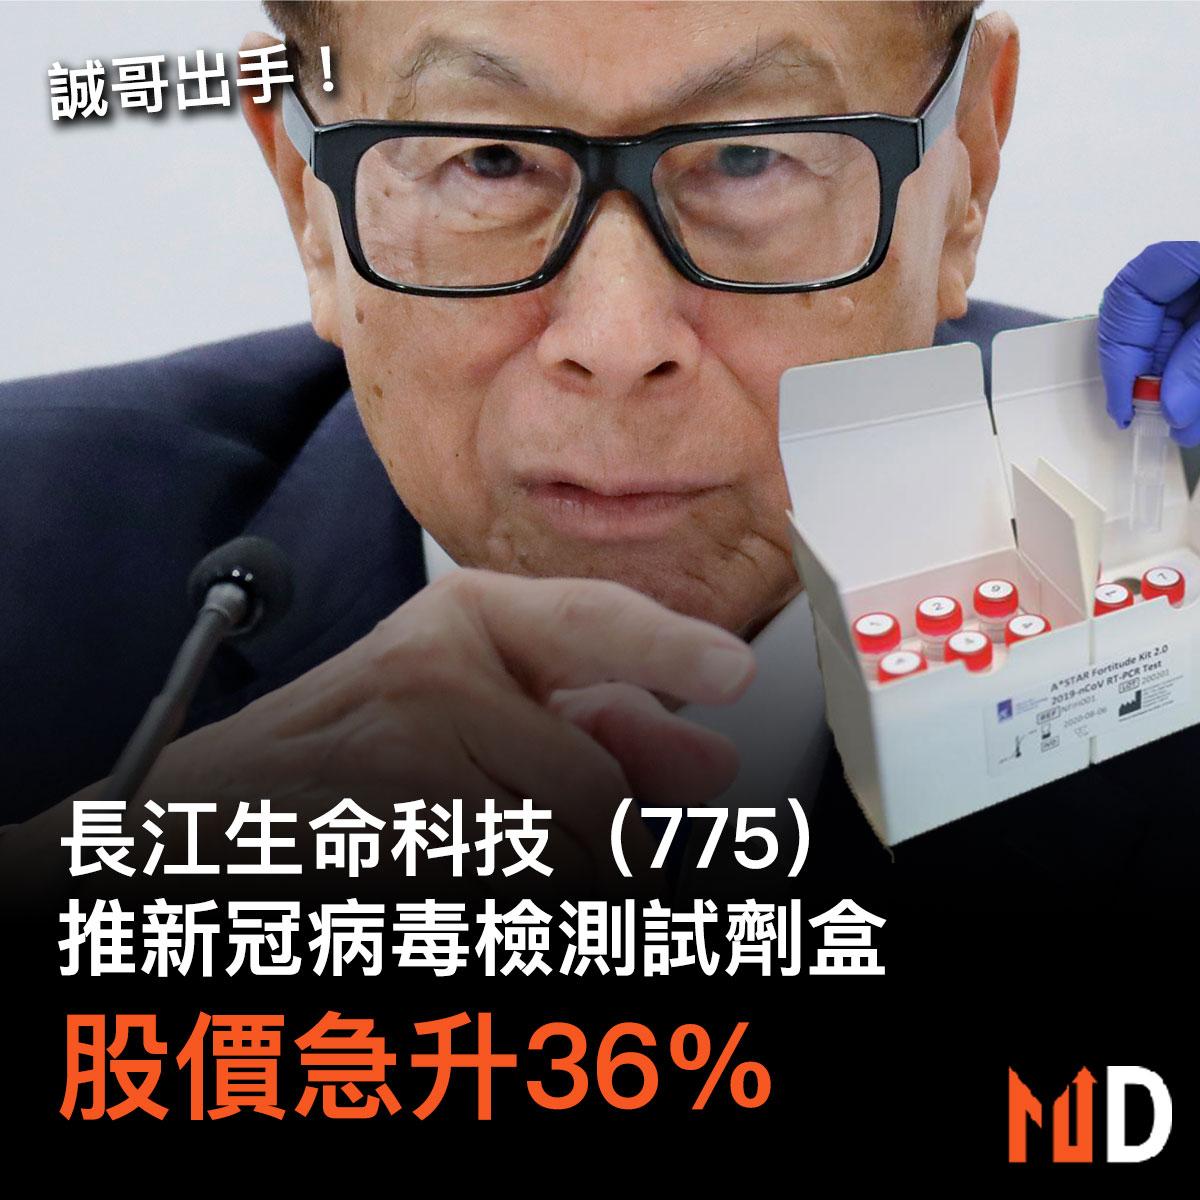 【市場熱話】長江生命科技推新冠病毒檢測試劑盒,股價急升36%!